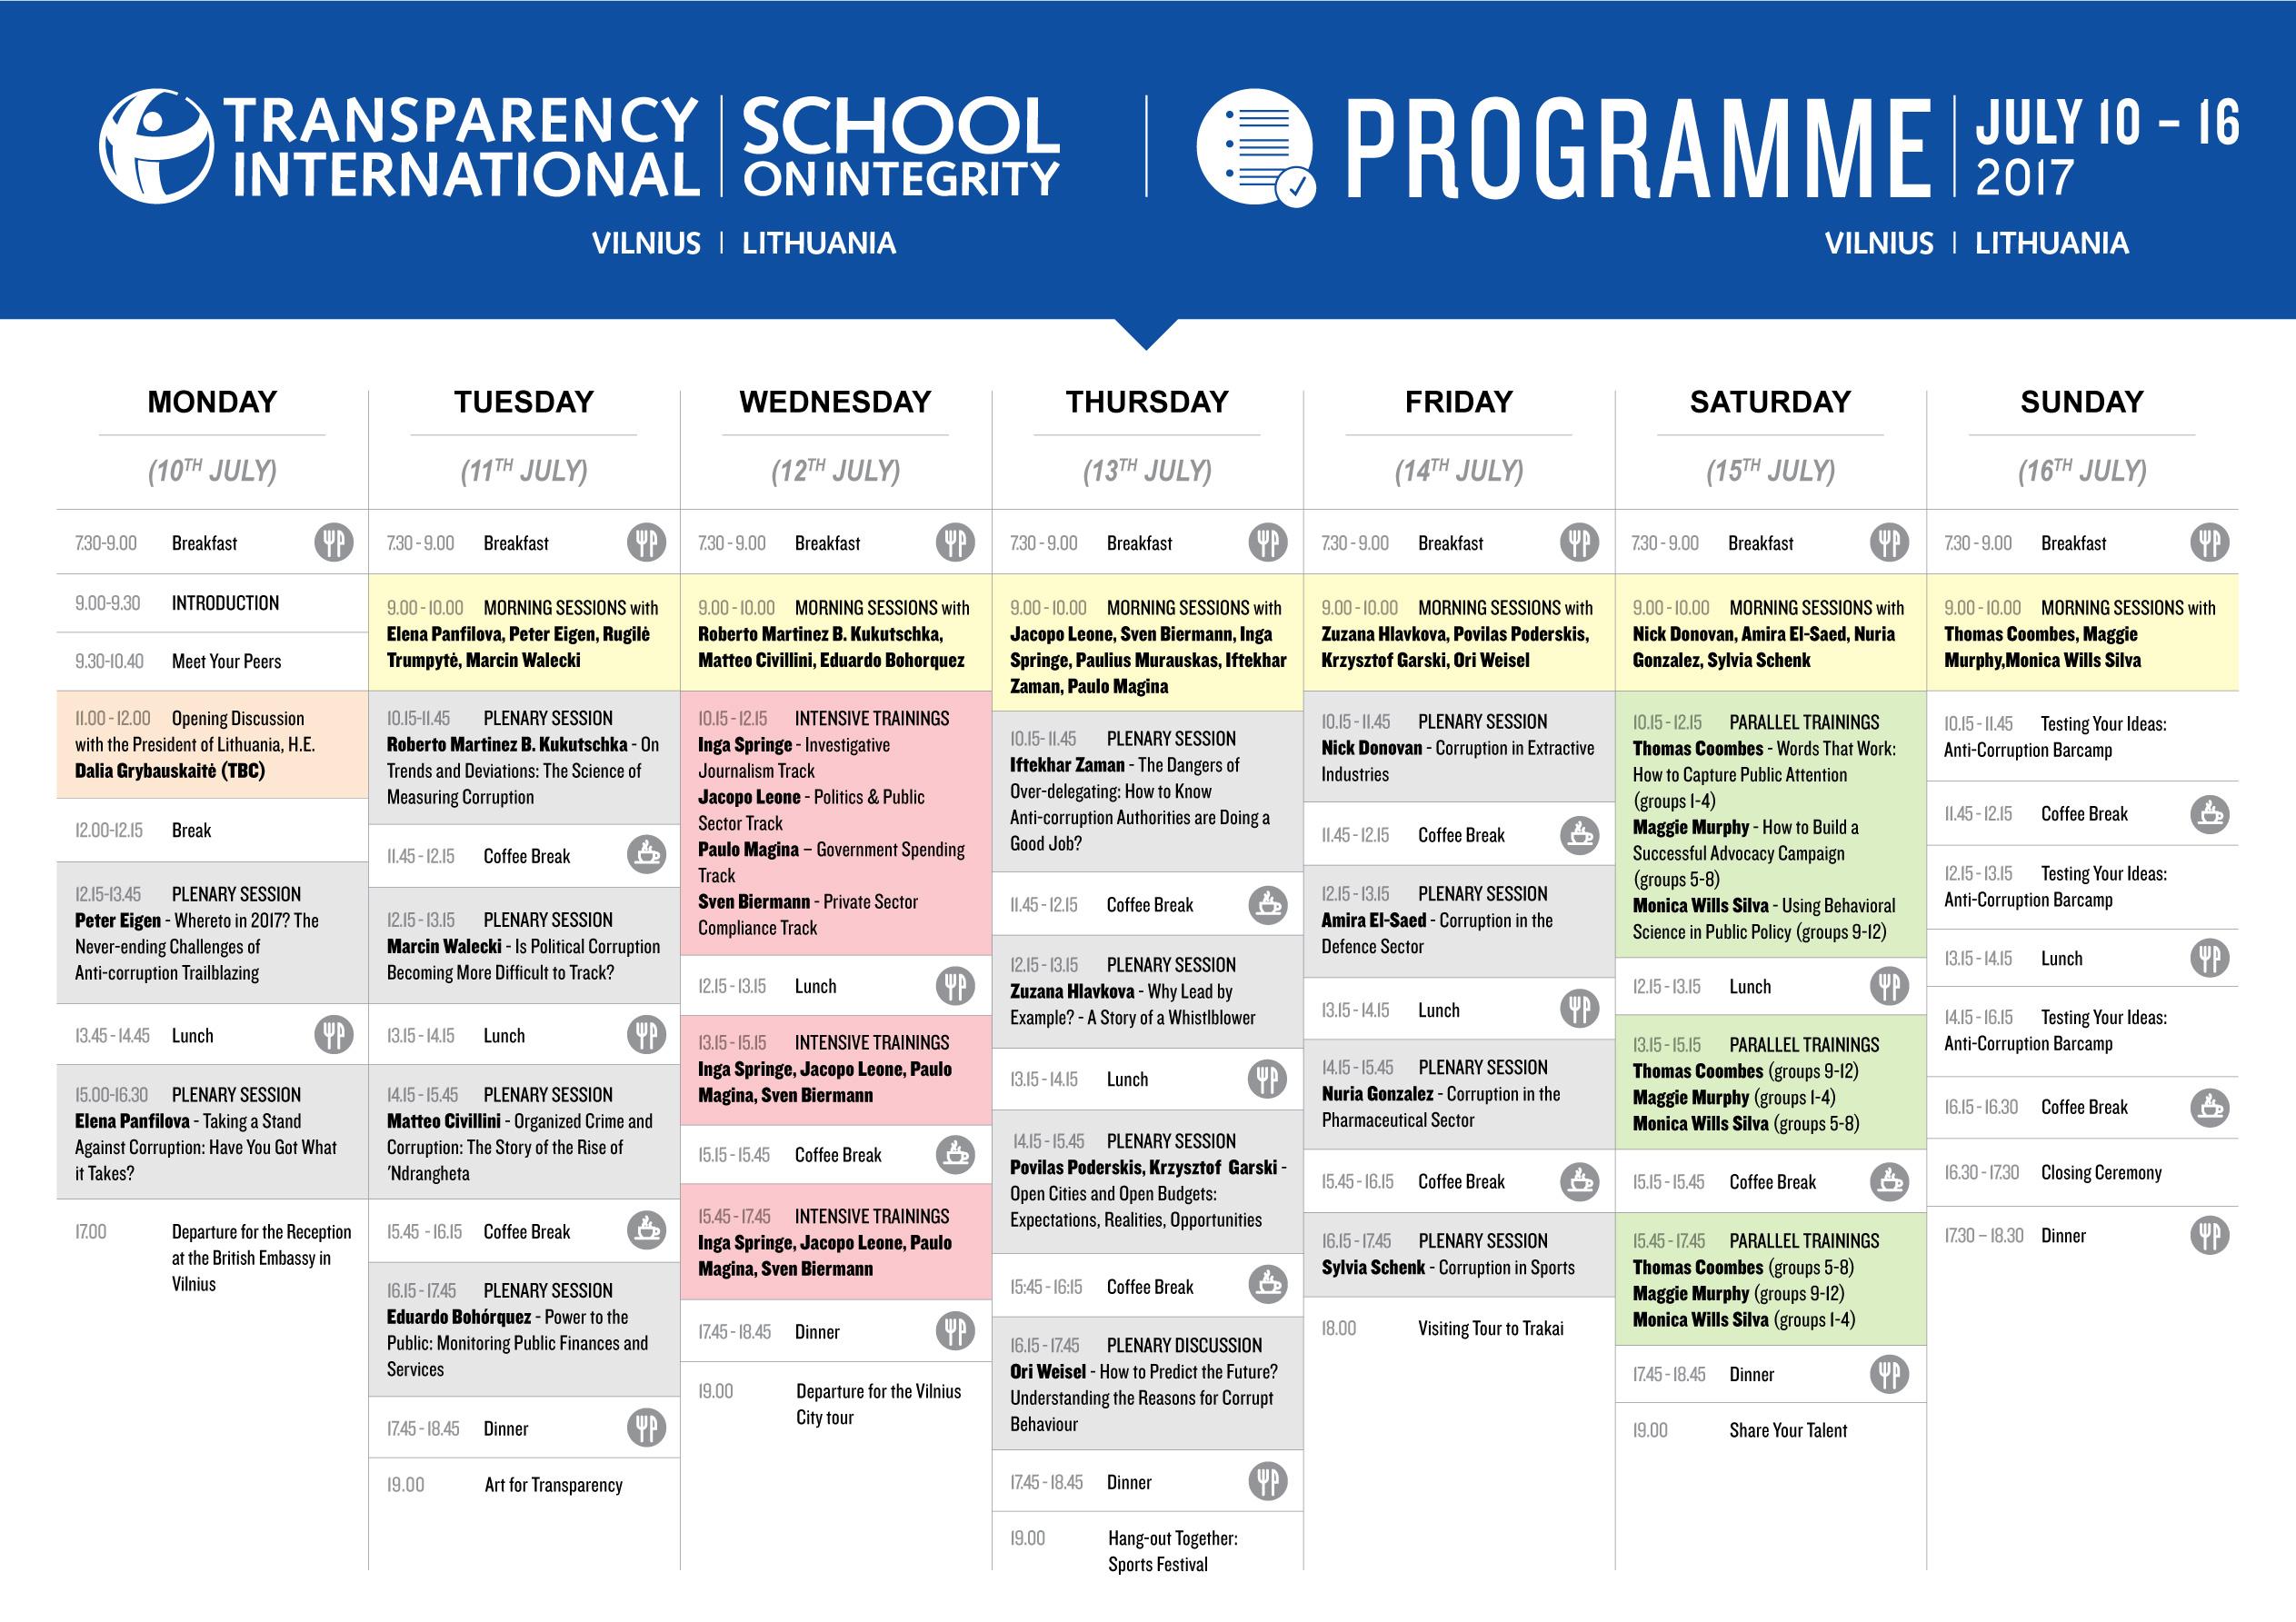 TISI_2017_Programme